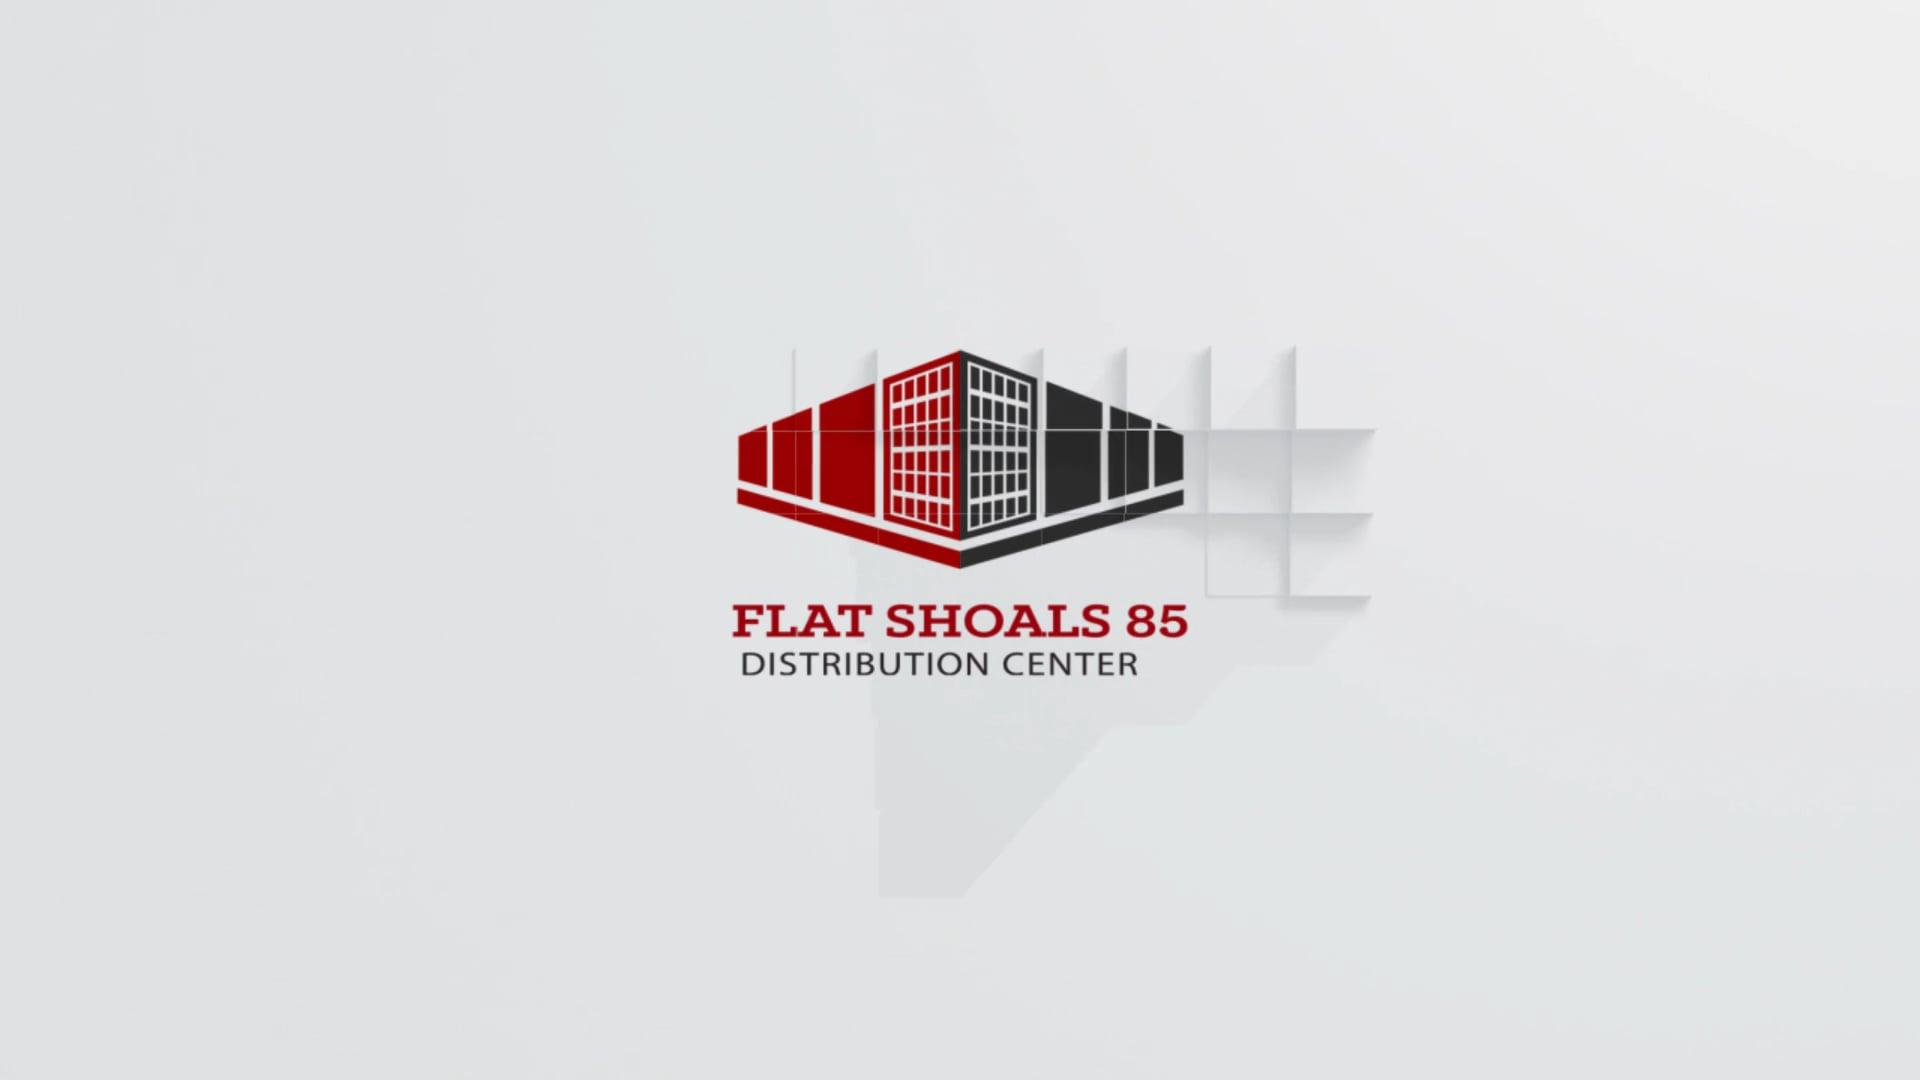 TM - Flat Shoals 85